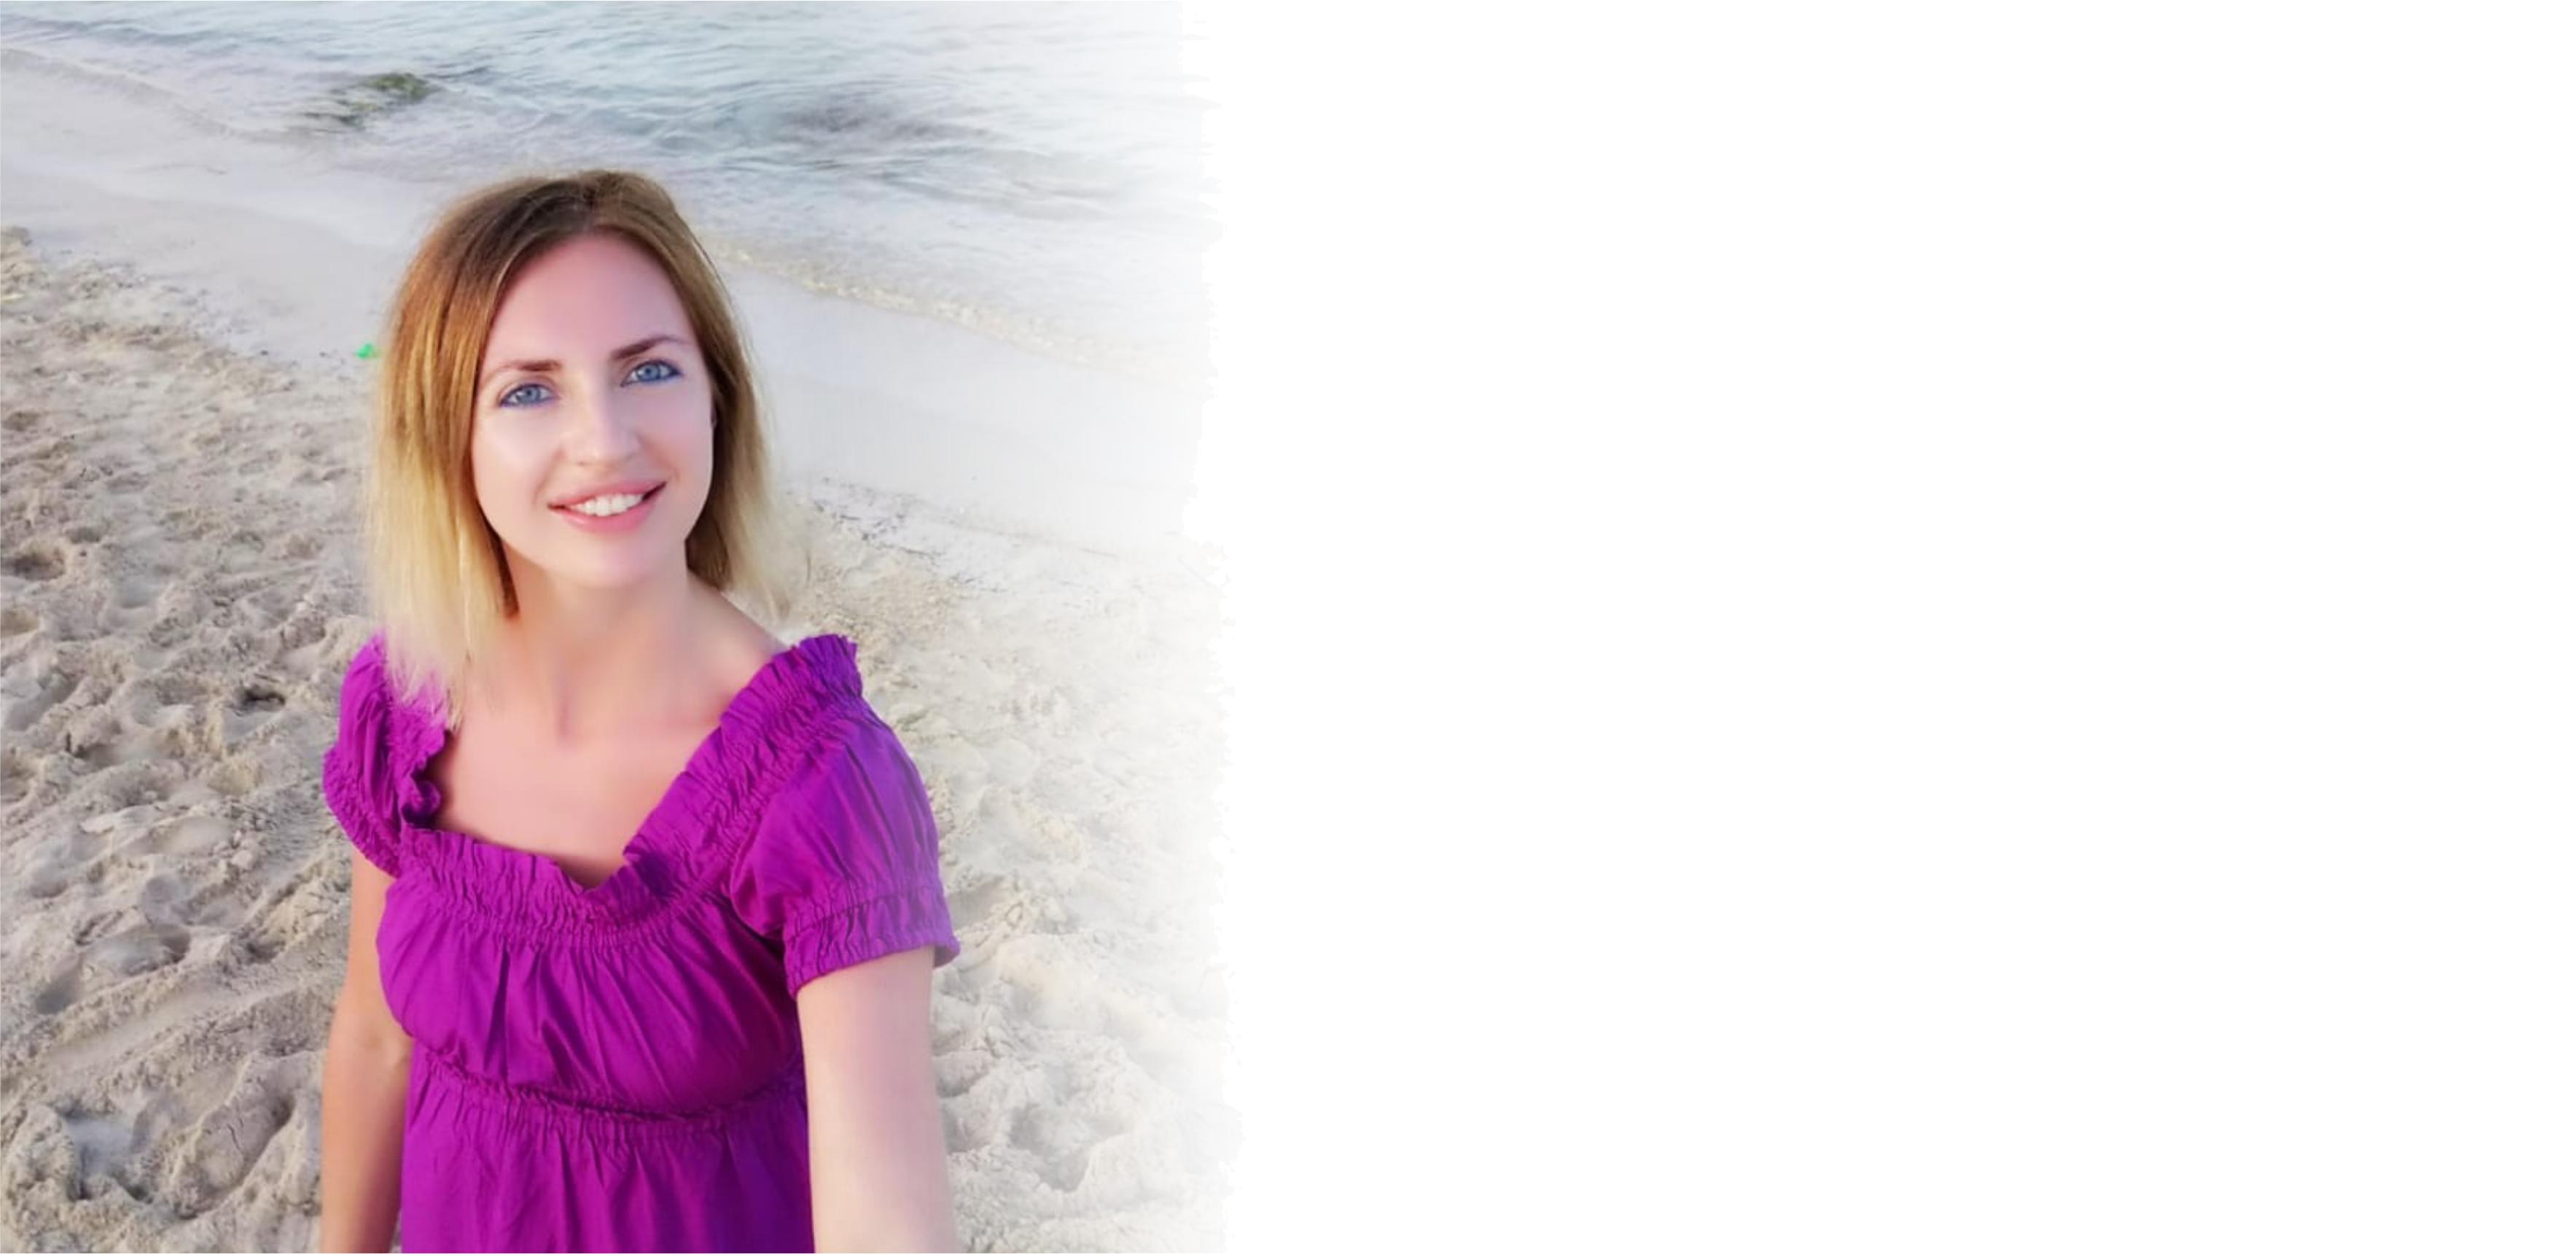 Владимир Шерышов Отзывы Анны Армаш Как восстановить здоровье Как наладить отношения с мужем Как найти любимое дело и начать путешествовать Как начать жить